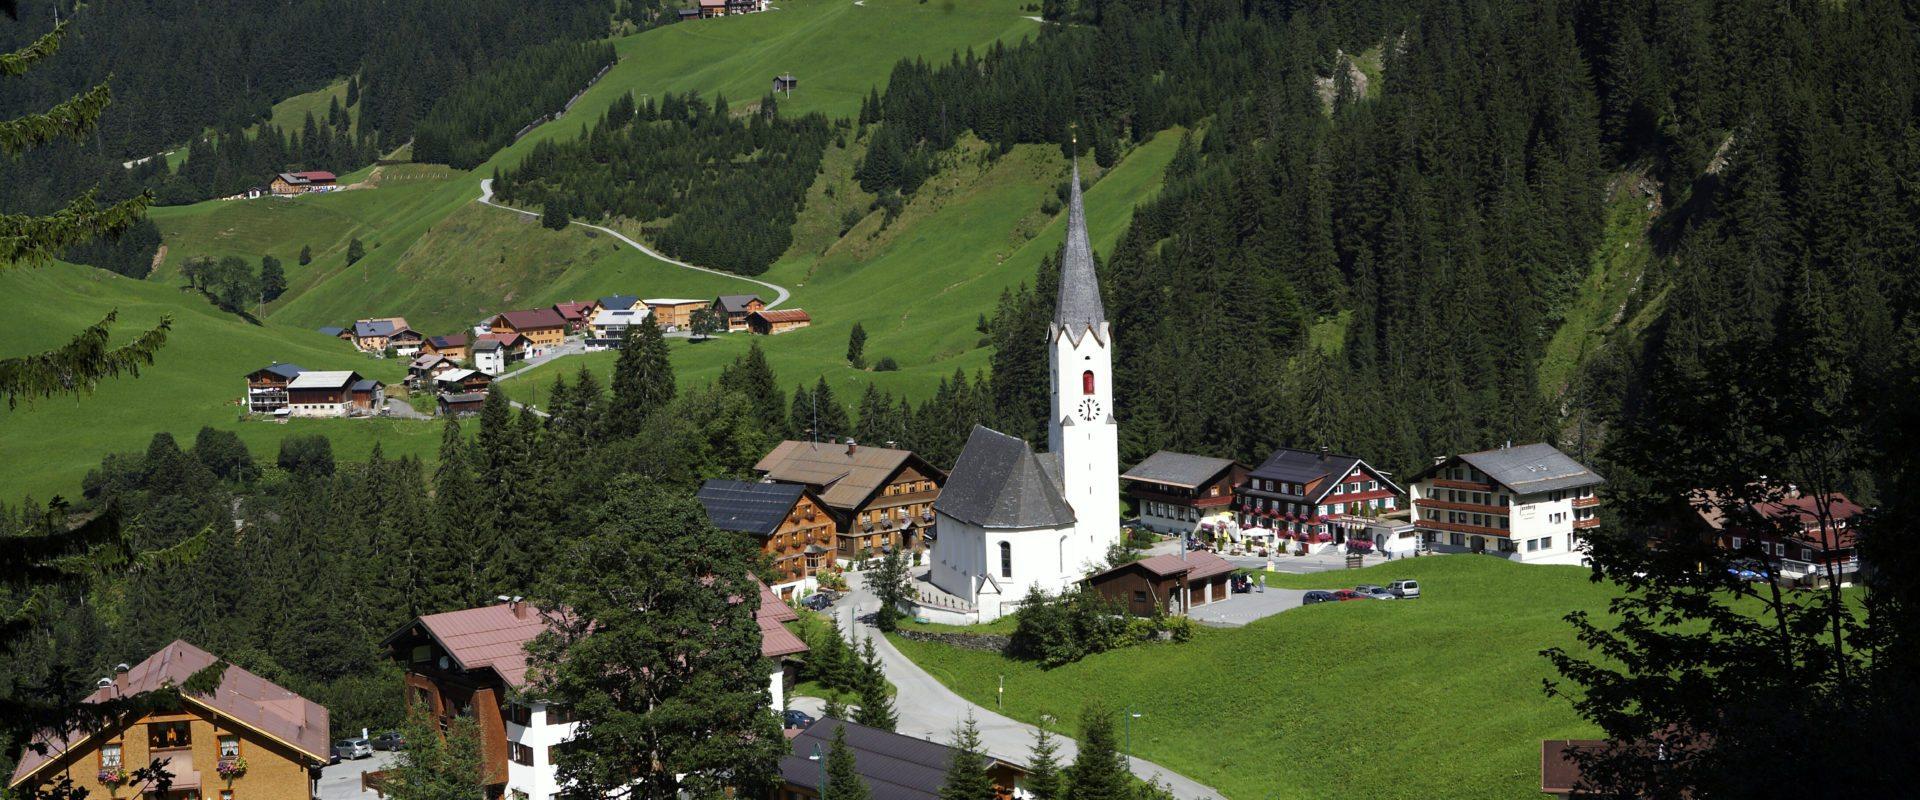 Warth-Schroecken © Christoph Lingg_Bregenzerwald Tourismus (1)